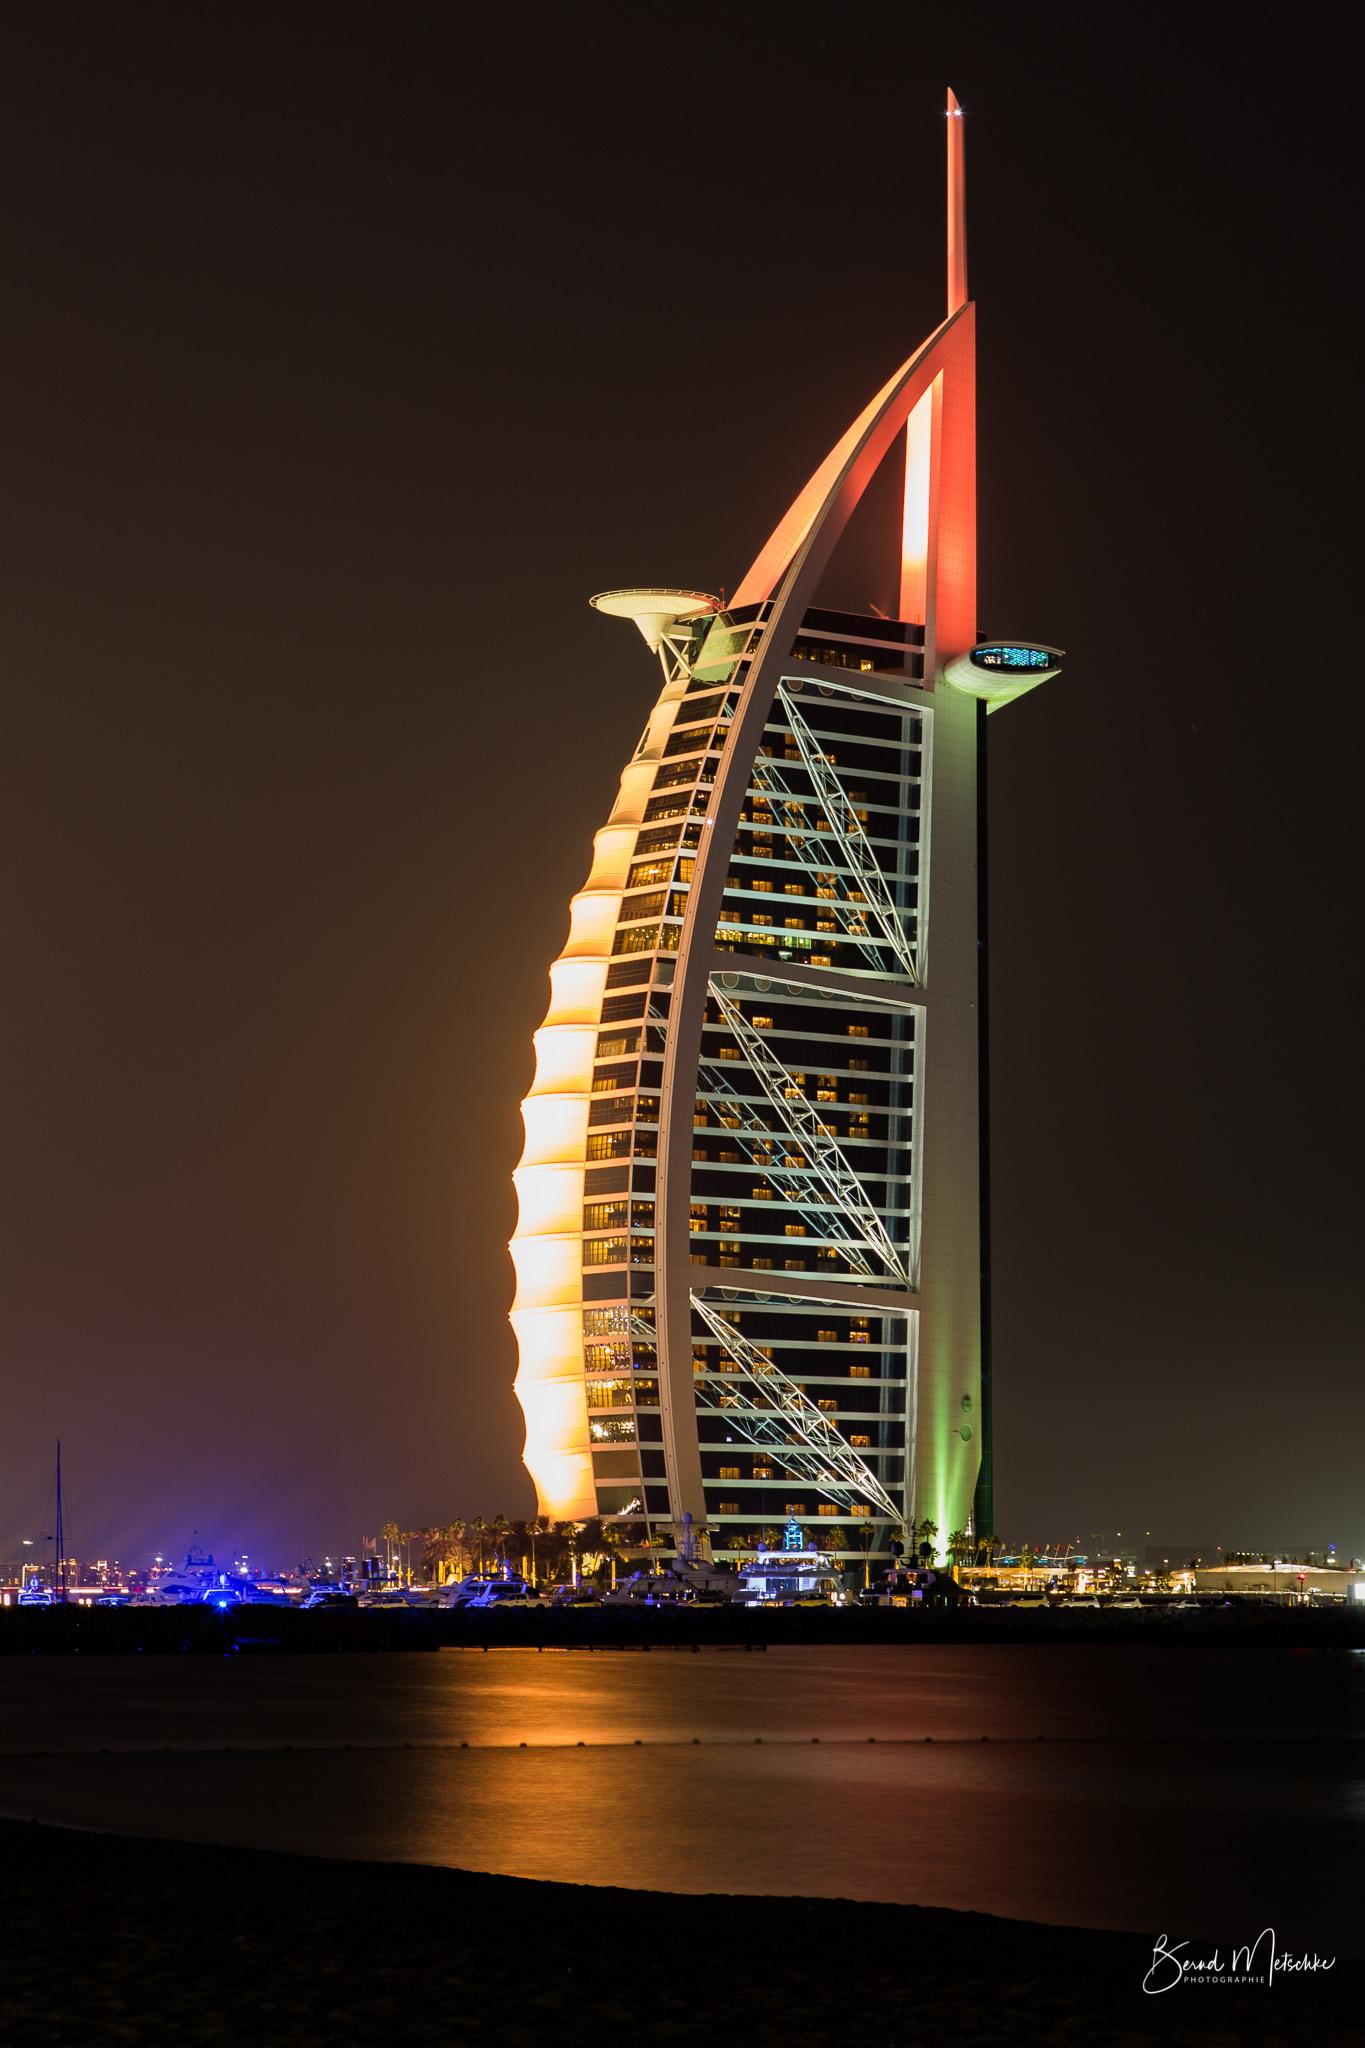 Burj al Arab - Dieses Luxushotel in einem auffälligen segelförmigen Gebäude befindet sich auf einer Insel.